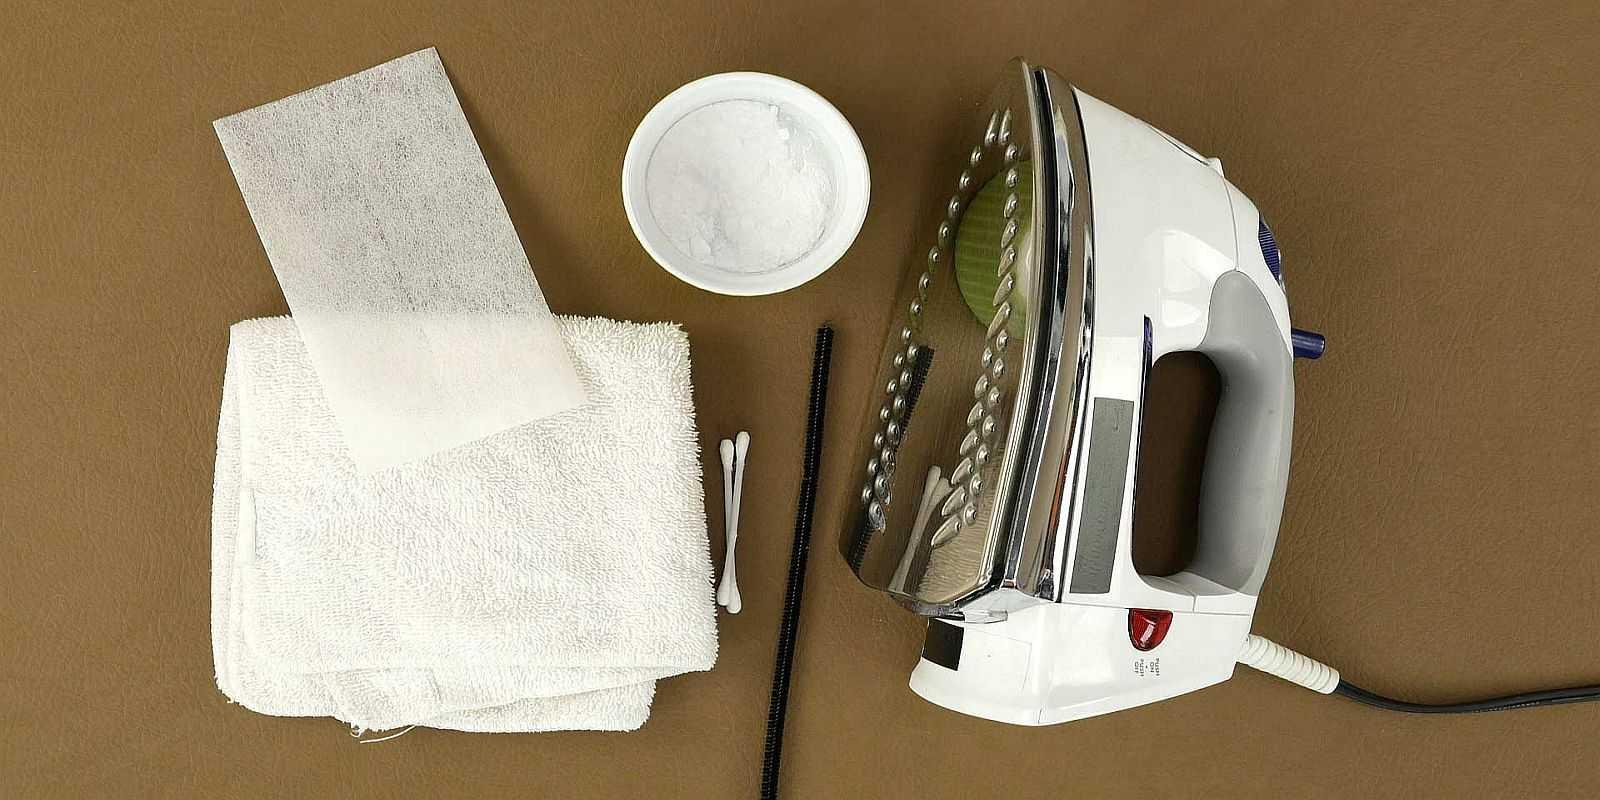 Как почистить утюг от накипи и нагара в домашних условиях